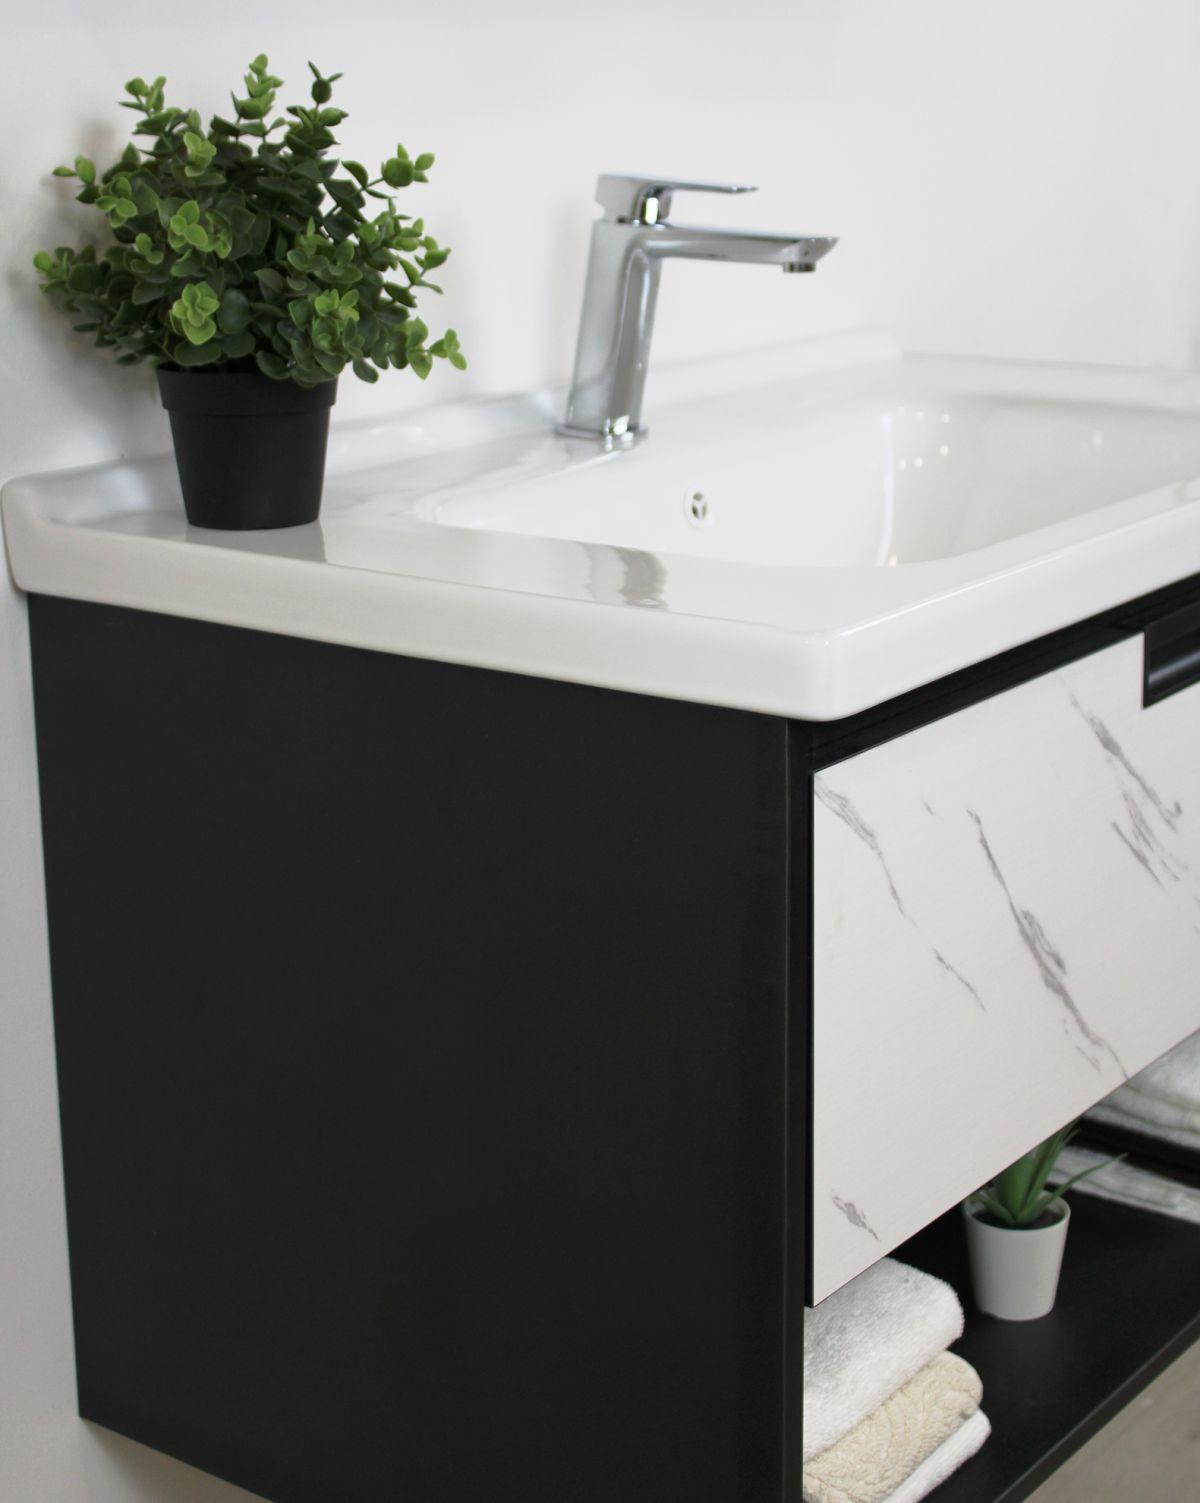 Mobile Bagno lisbona4 Mobile bagno Lisbona sospeso da 80 cm grigio effetto legno e bianco effetto marmo con lavabo specchio contenitore